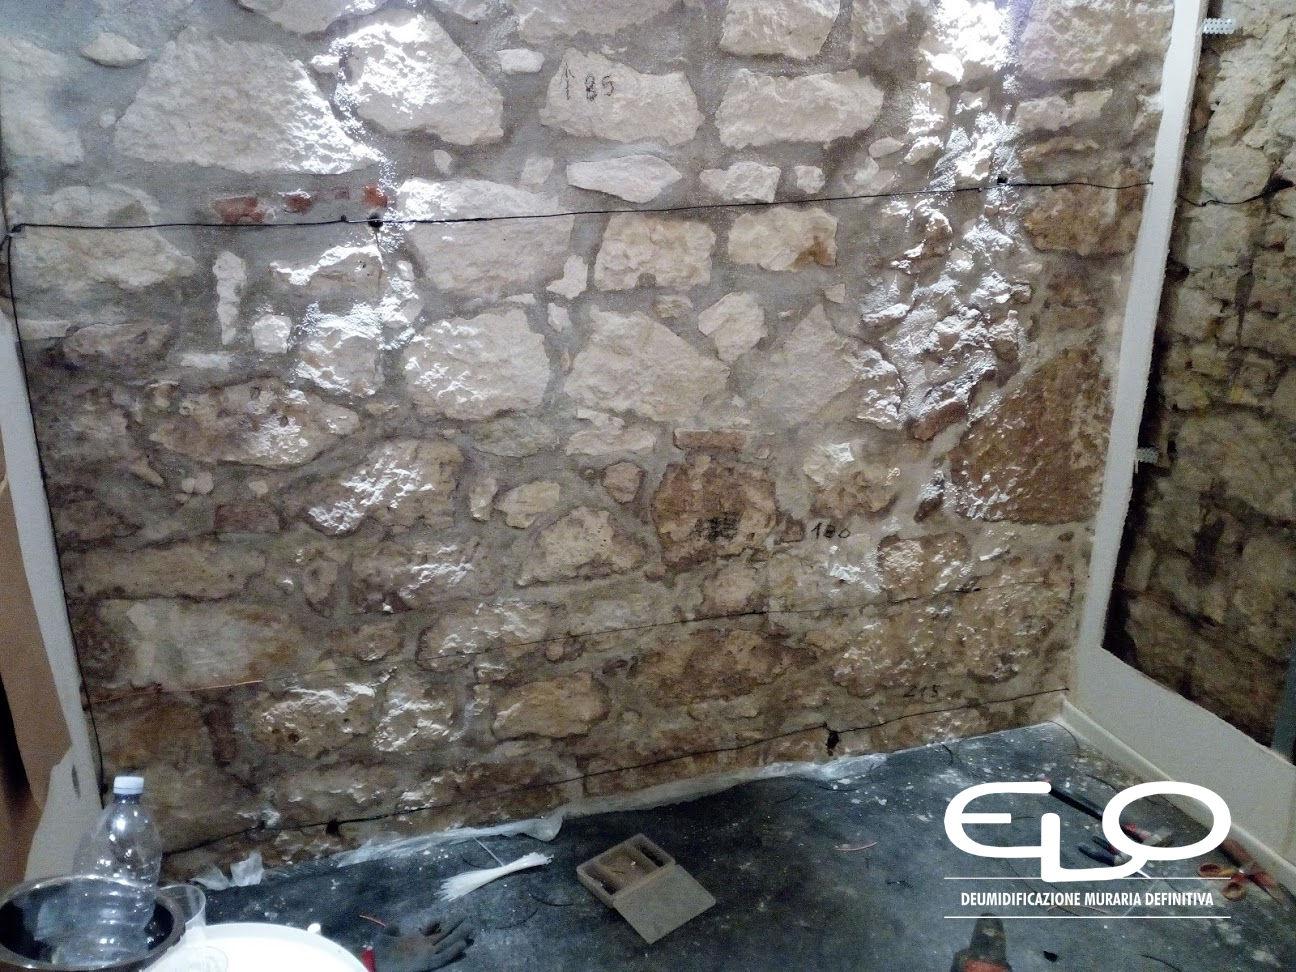 deumidificazione in villa storica stile liberty elettrodi pareti in sasso